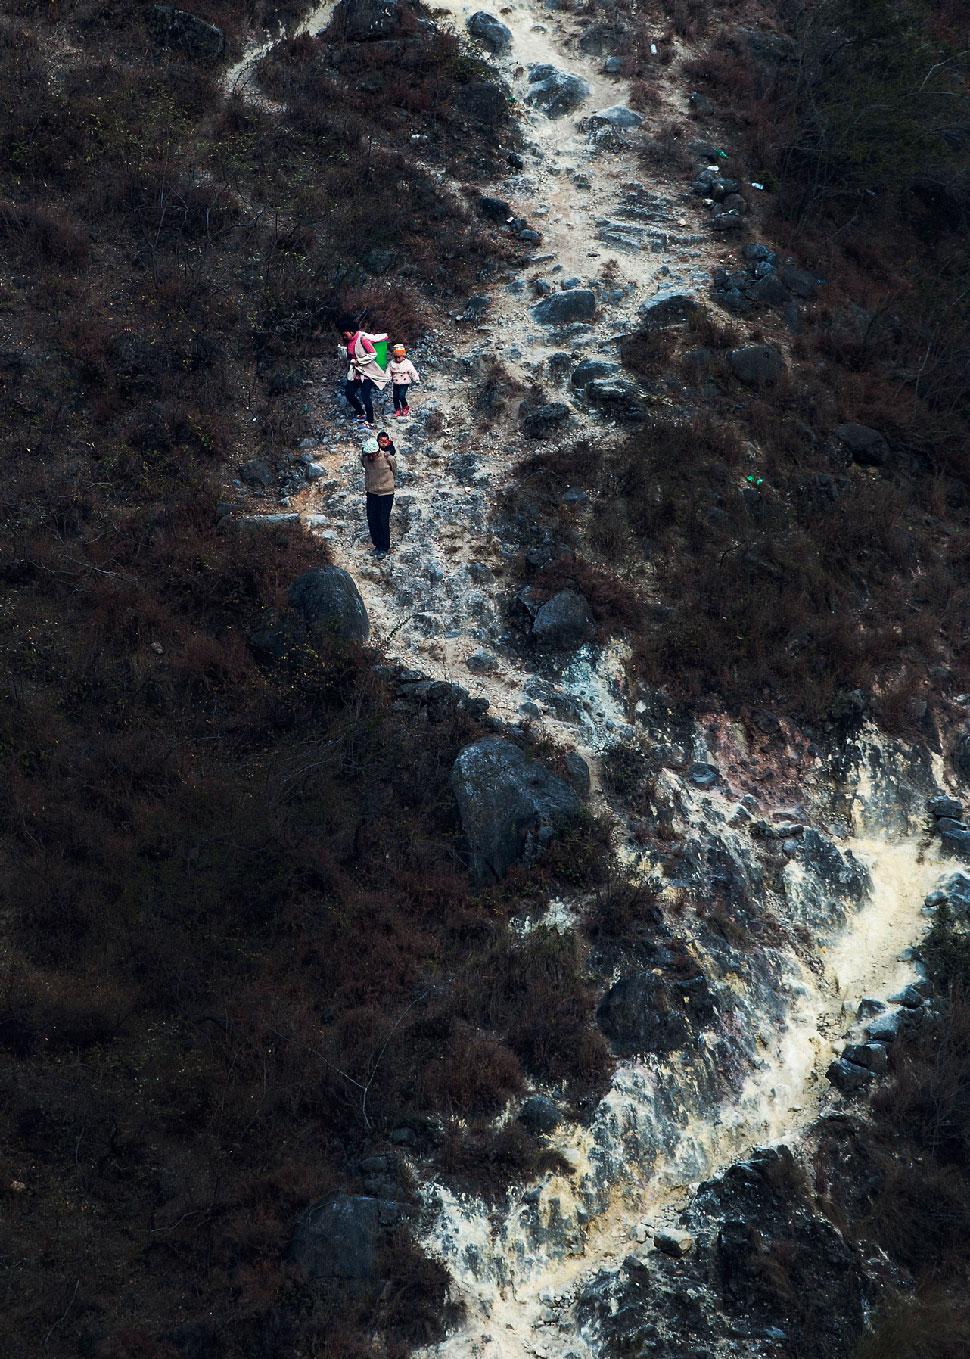 《山路弯弯》悬崖村下------许清泉.jpg